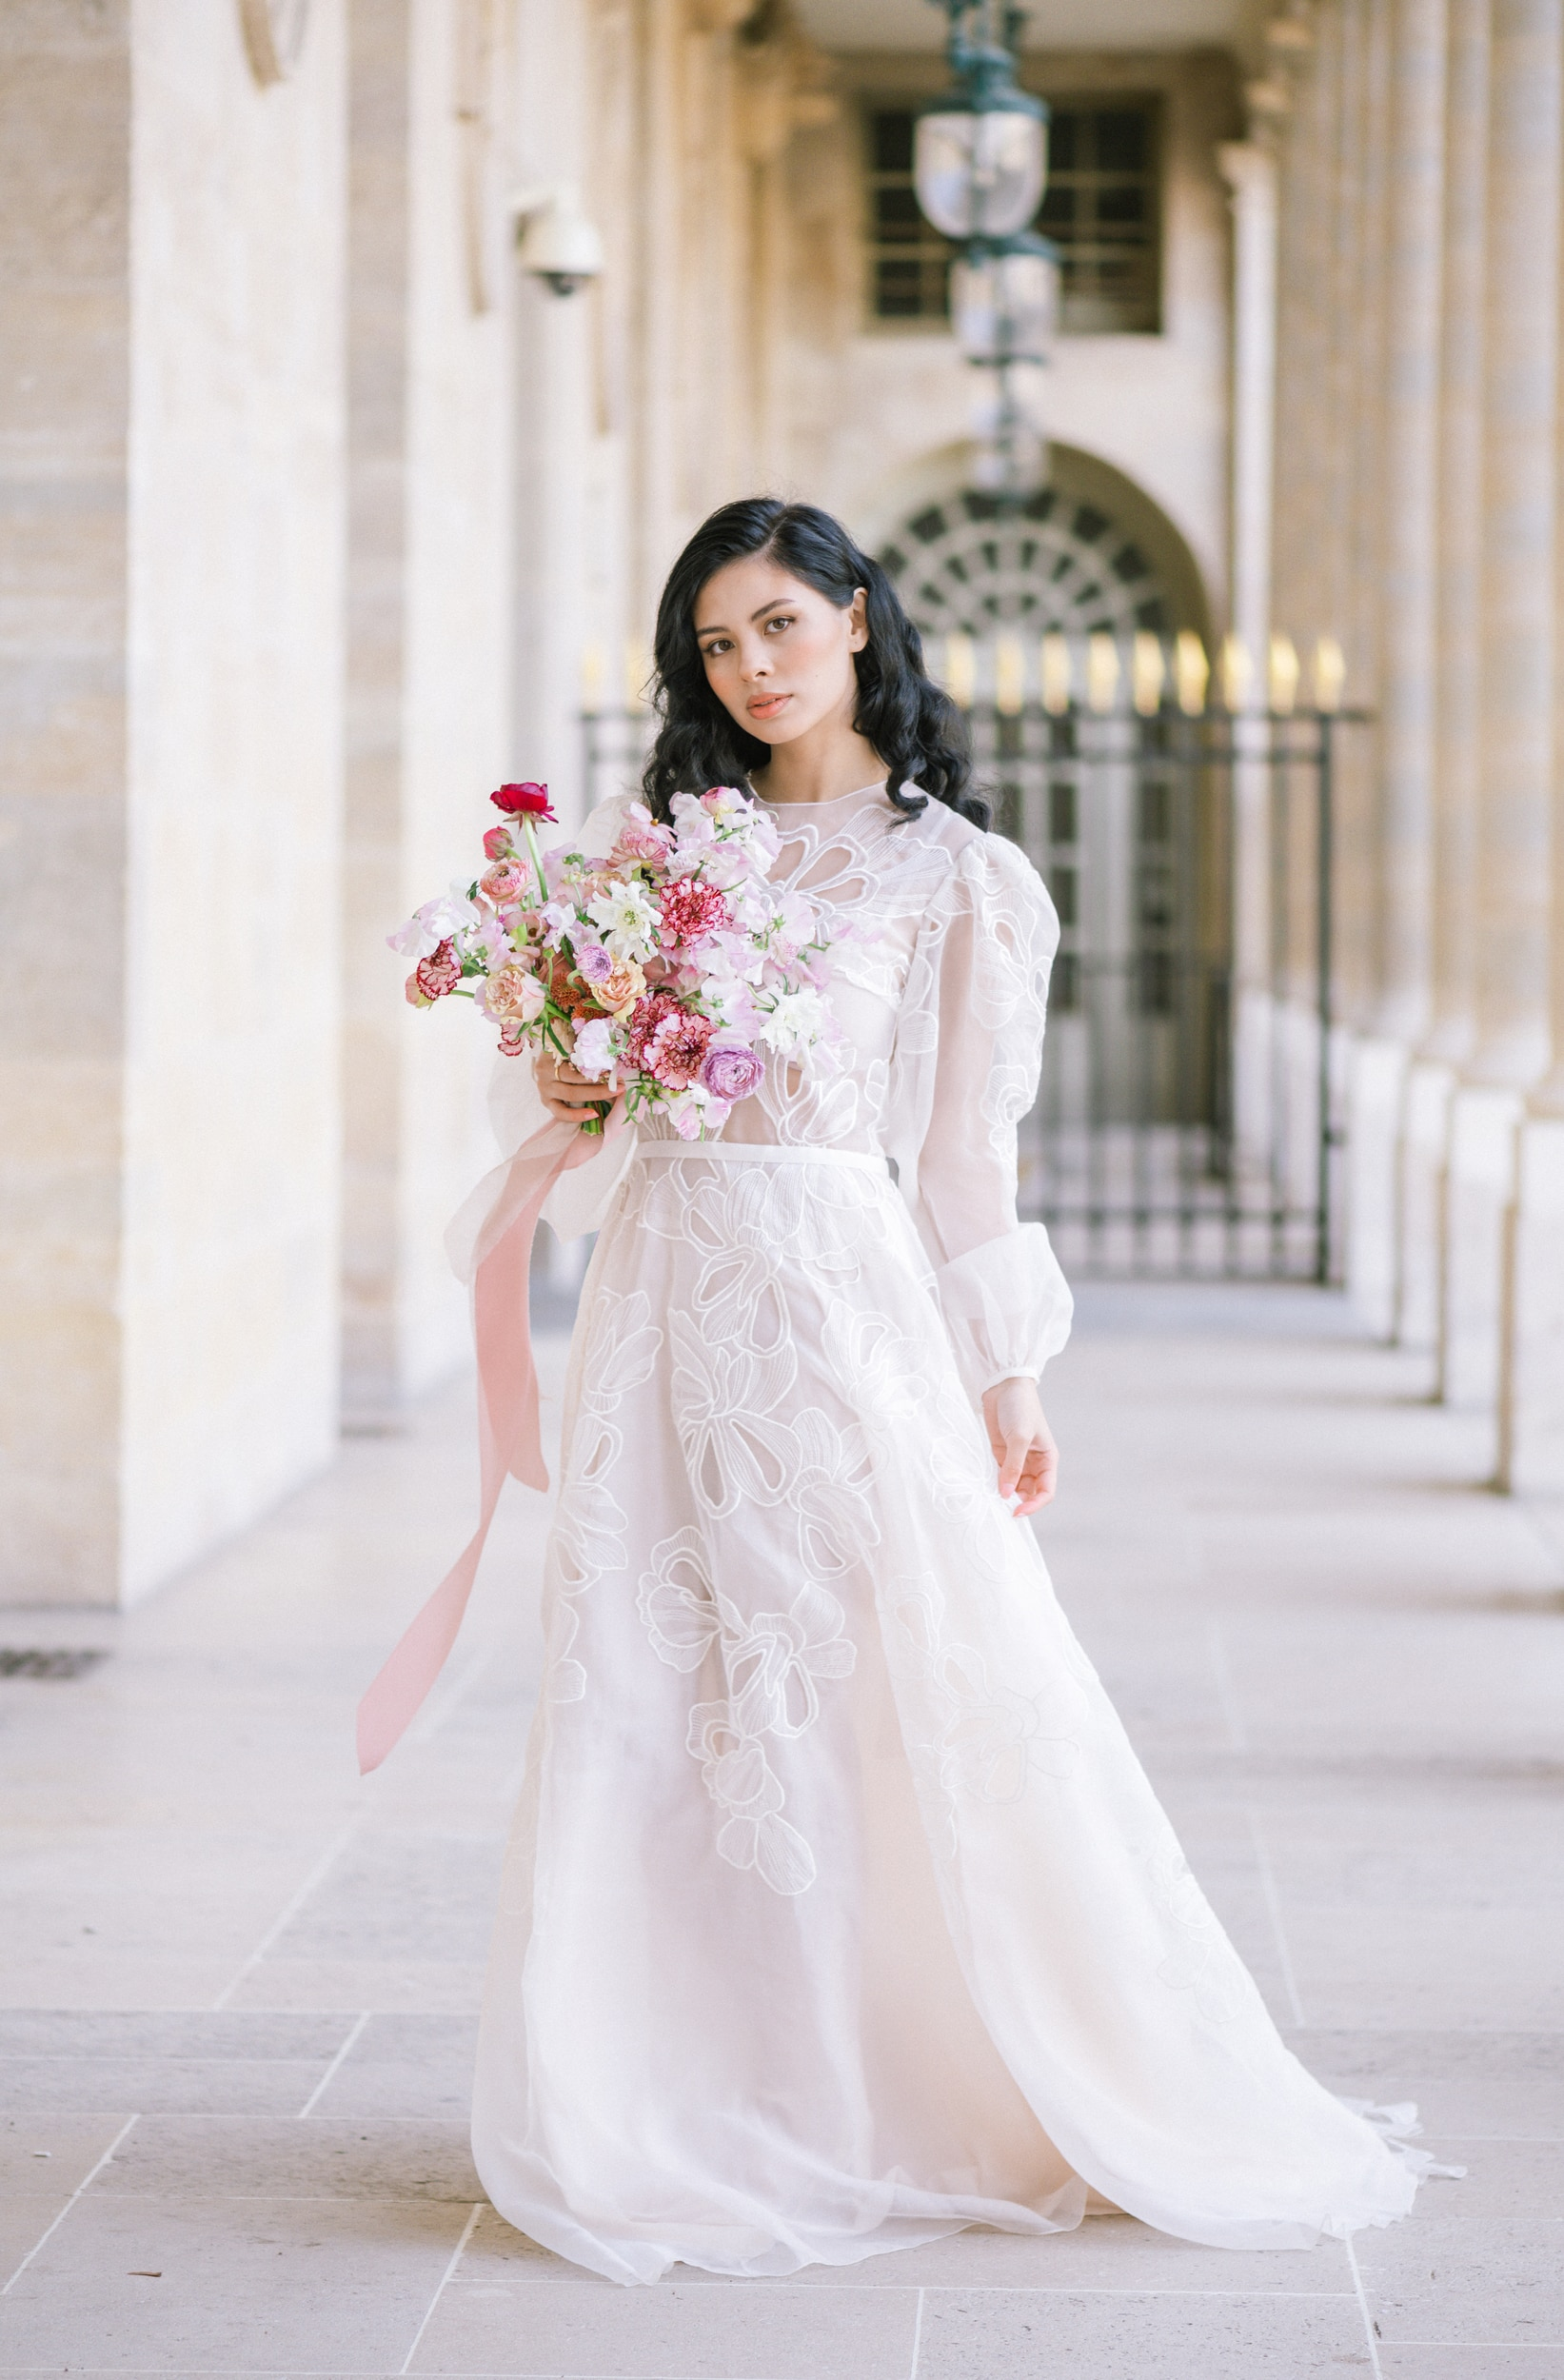 Anais-7994Photographe mariage paris louvre colonne de buren lina raziq